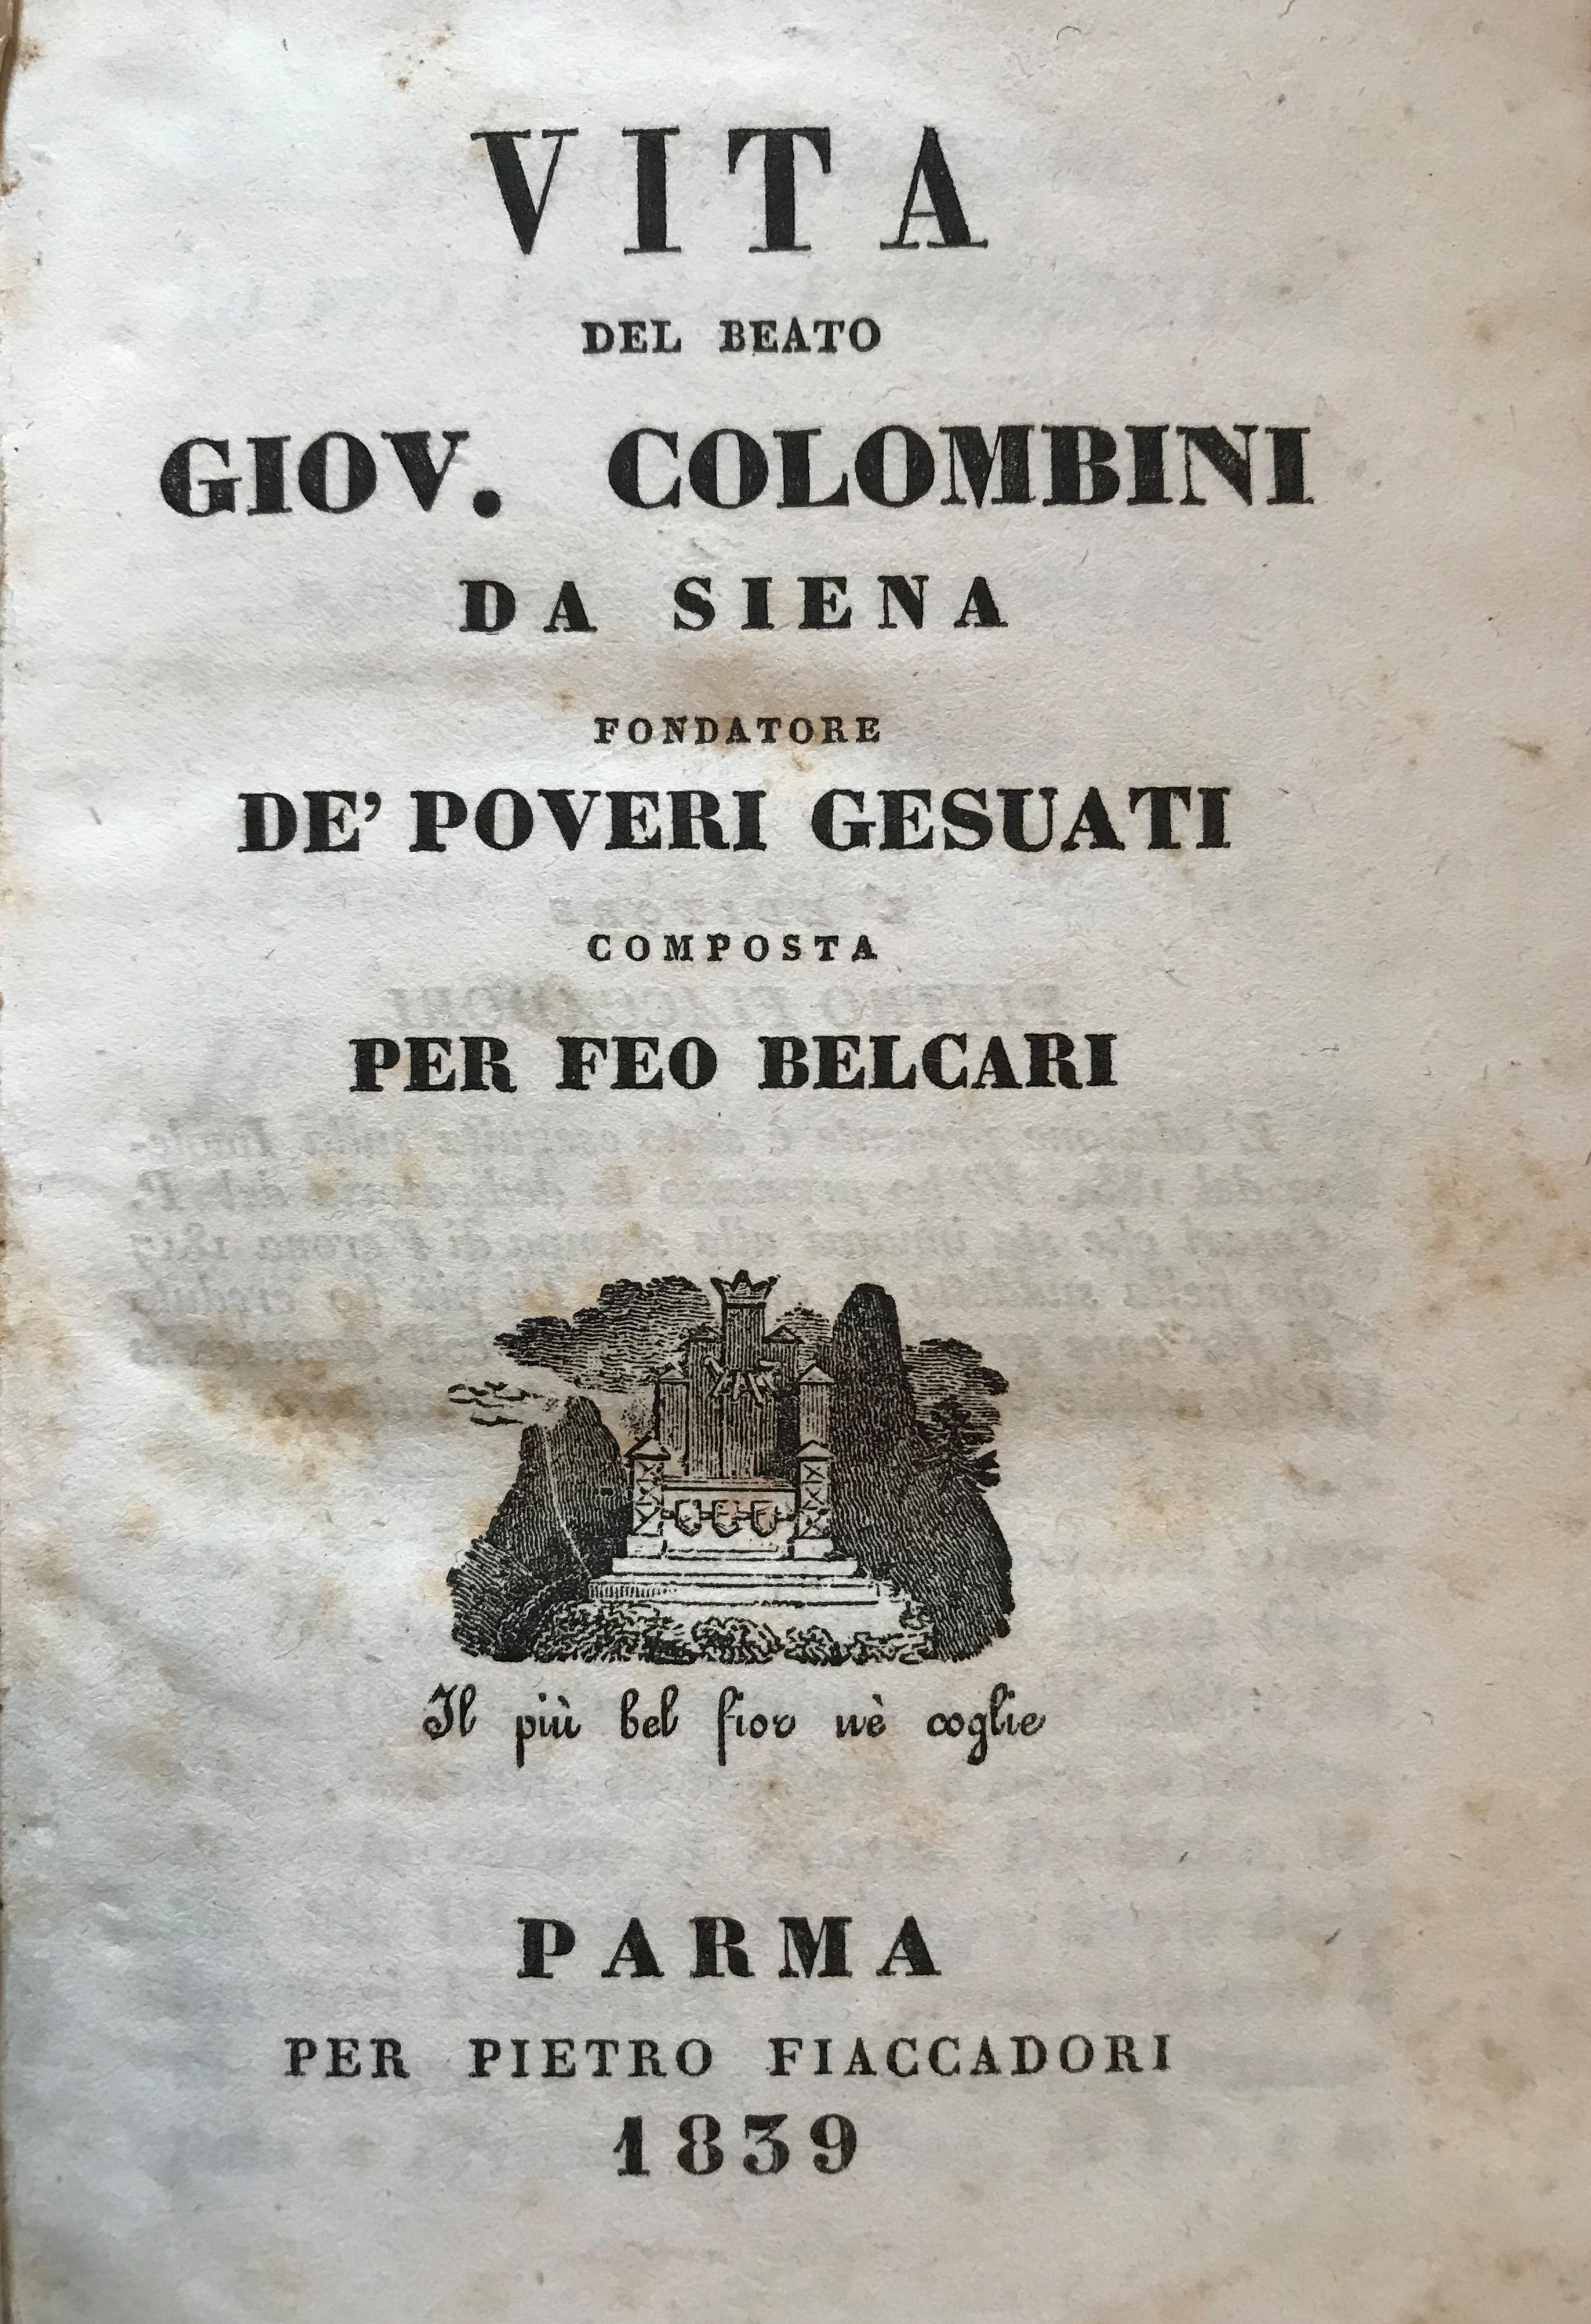 Vita del Beato Giovanni Colombini da Siena